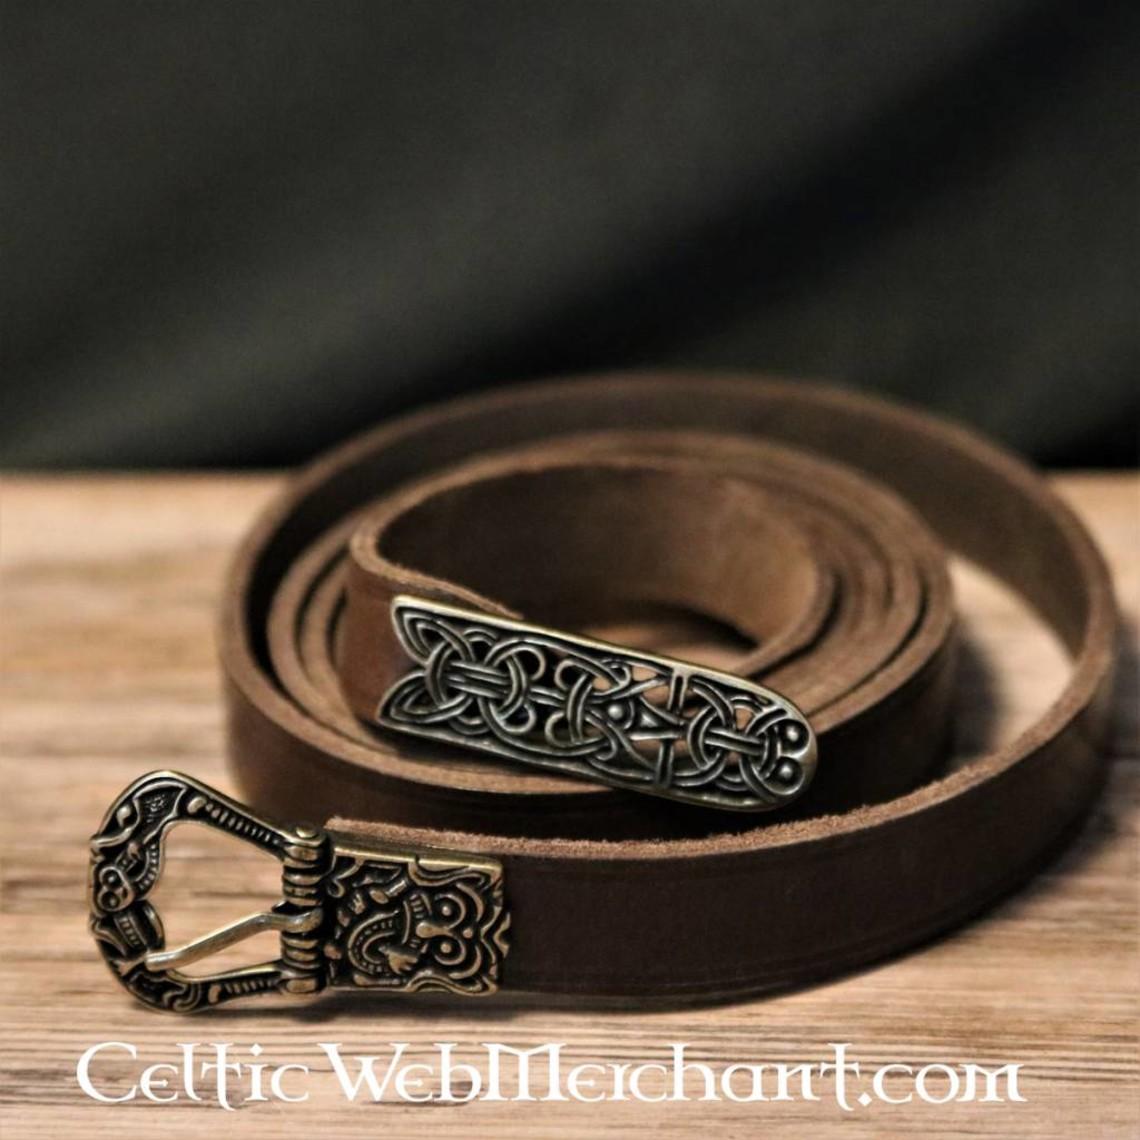 Cinturón Birka, marrón, latón